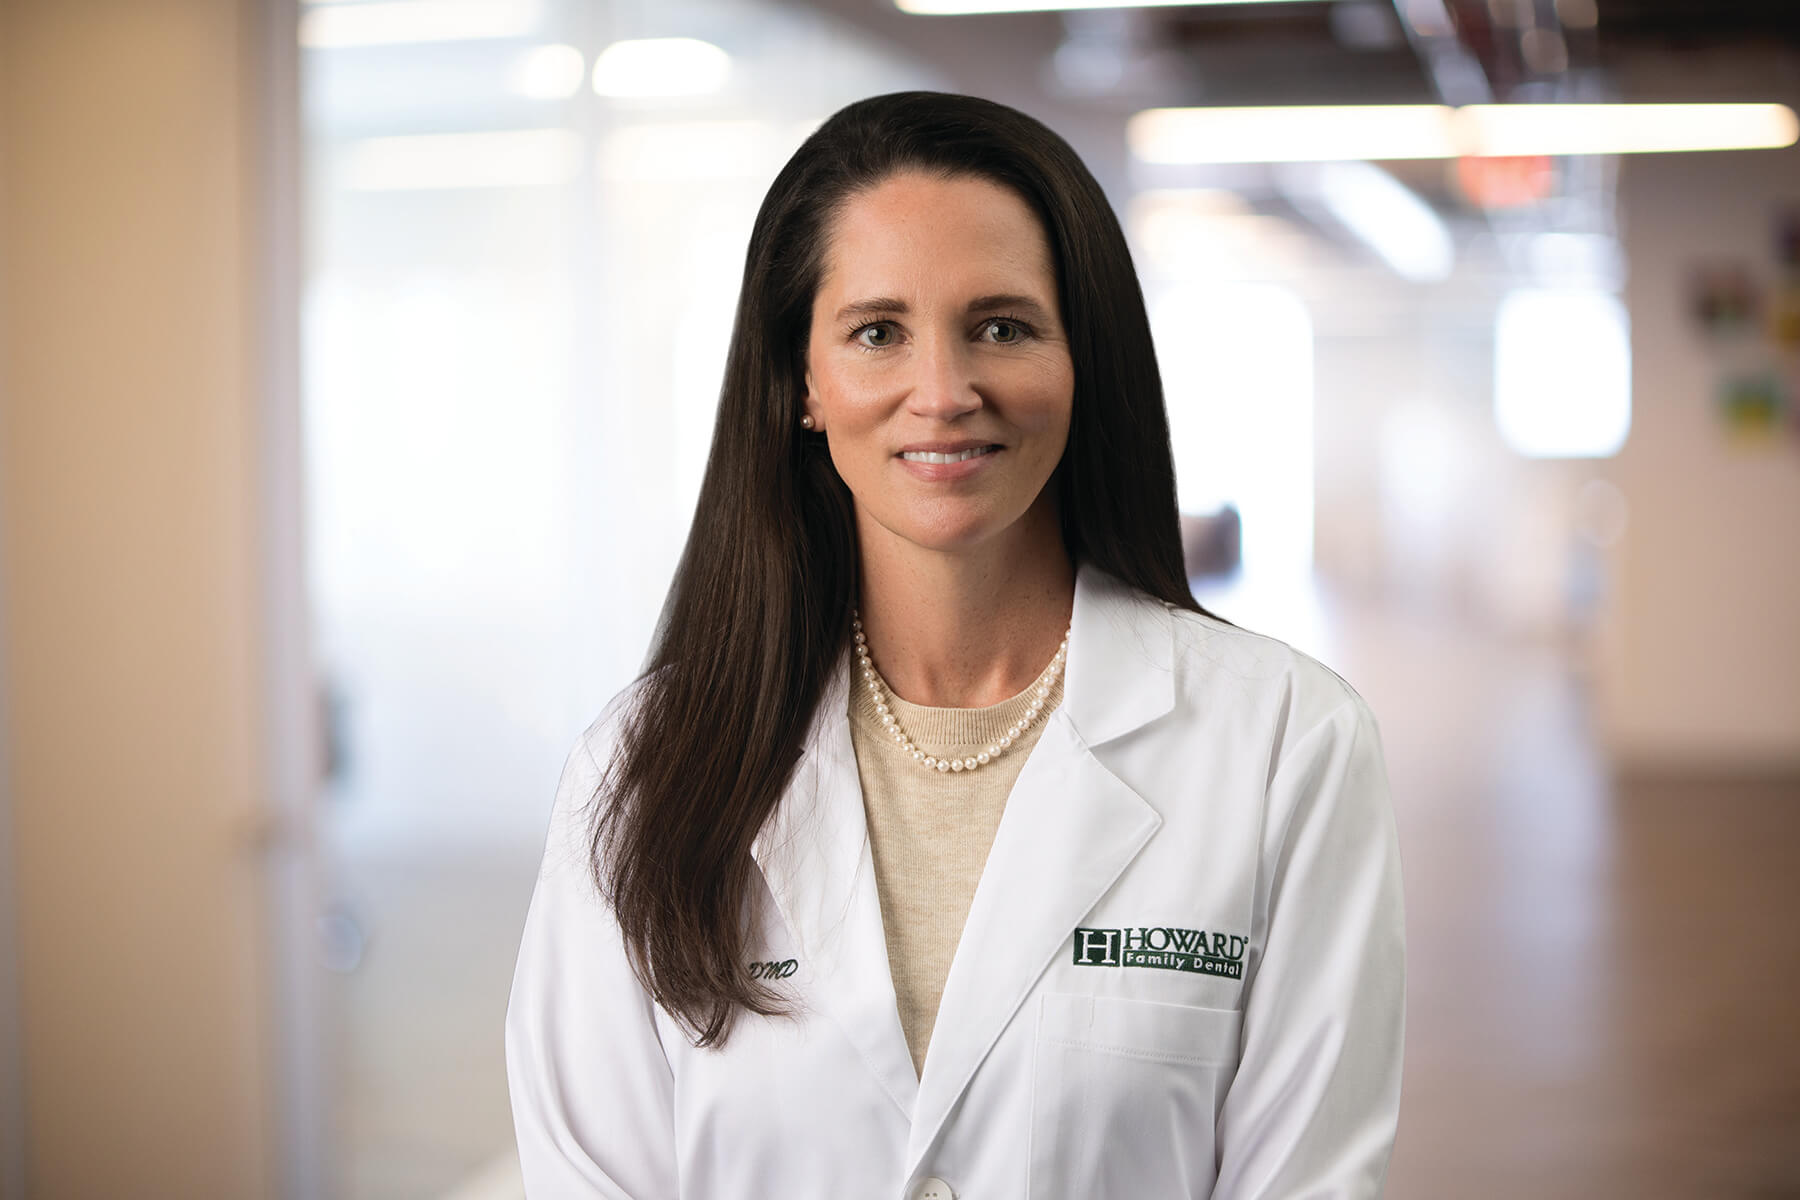 Dr. Lindsay Sammons